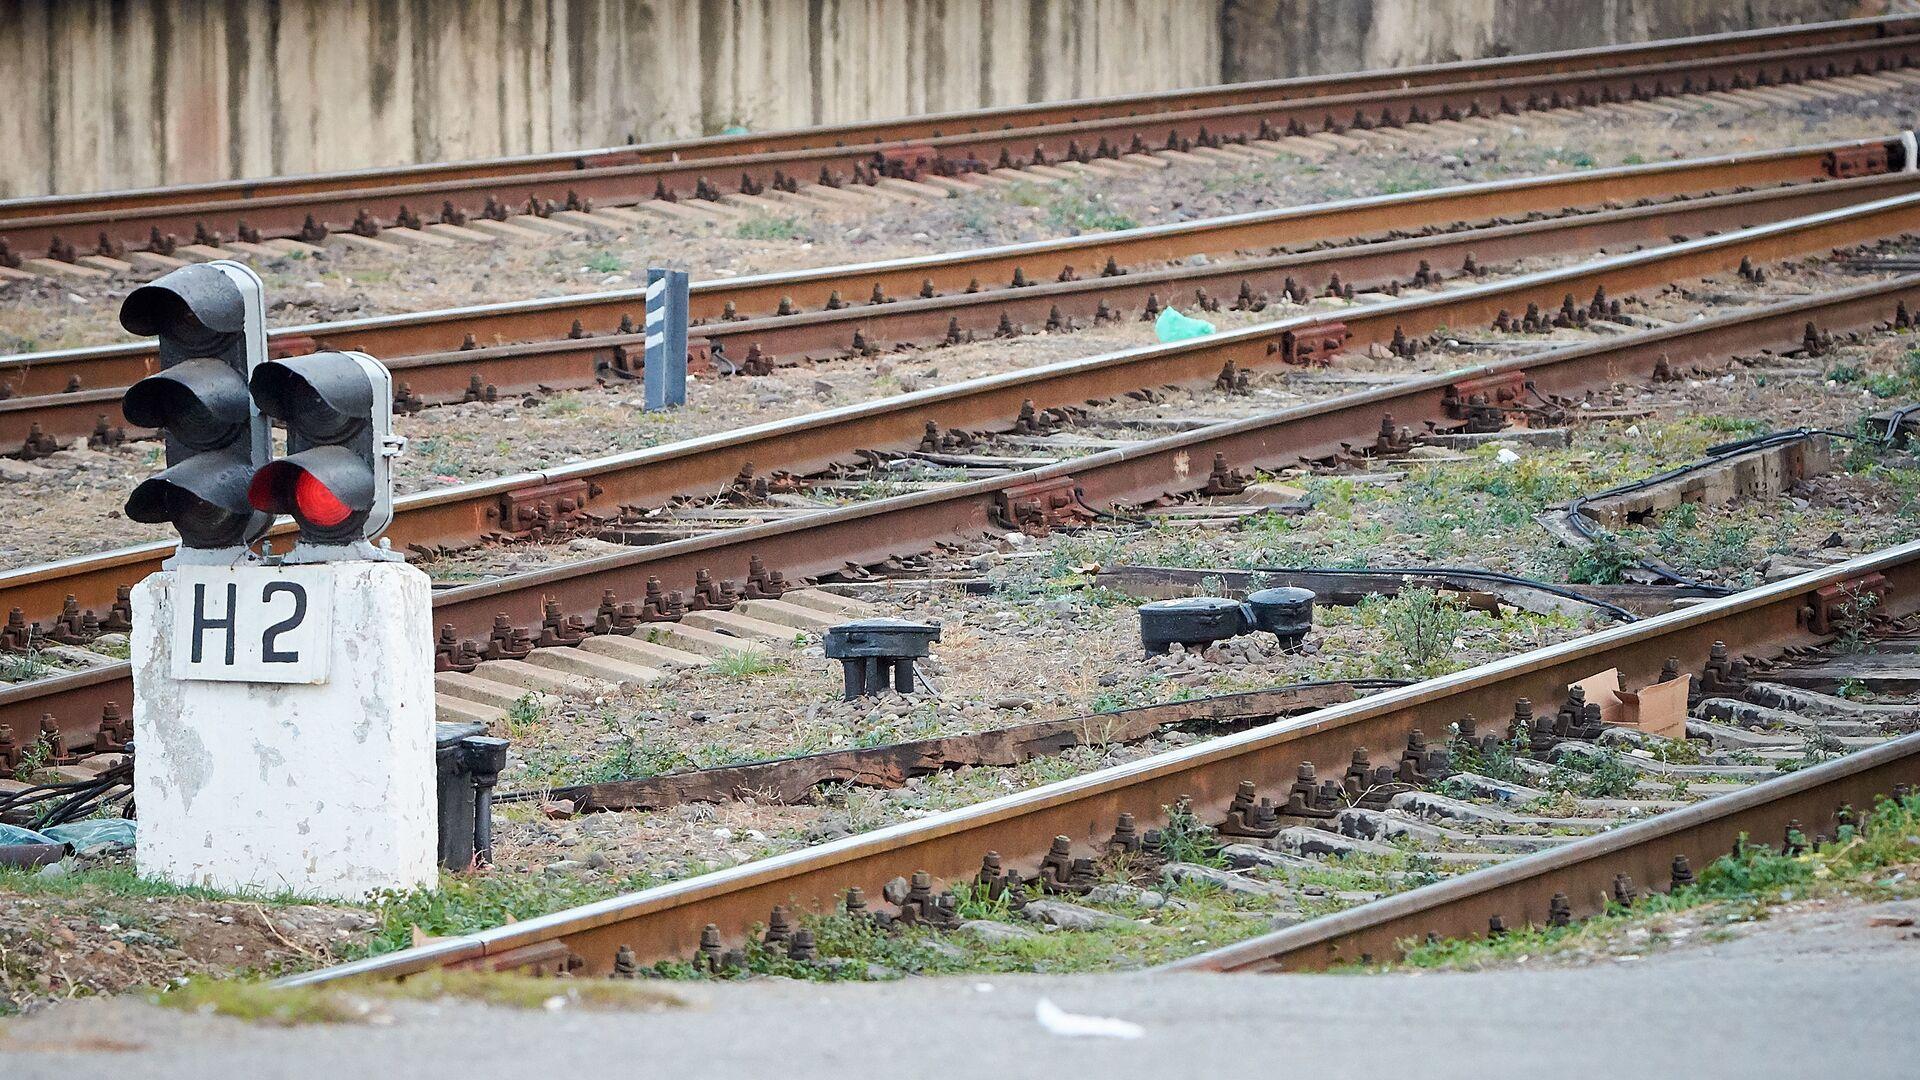 Железнодорожные пути. Рельсы на тбилисском железнодорожном вокзале - Sputnik Грузия, 1920, 08.10.2021